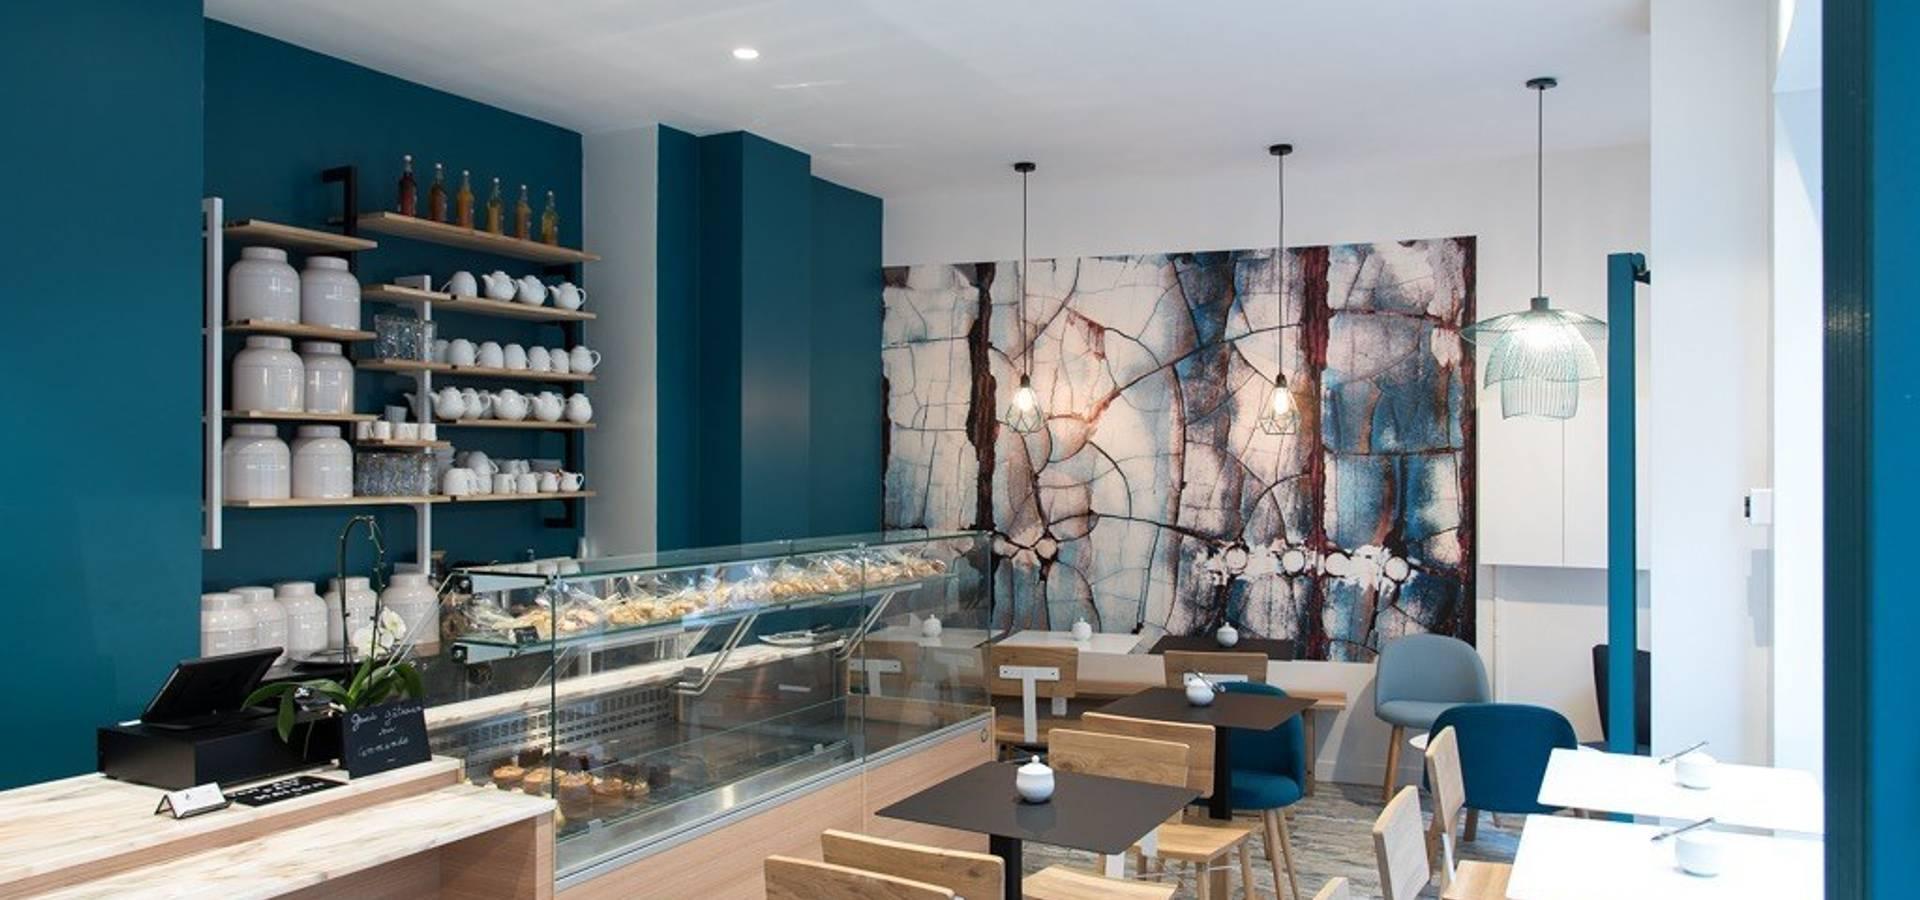 Agencement Et Decoration D Un Salon De The Paris 12e By Joseph